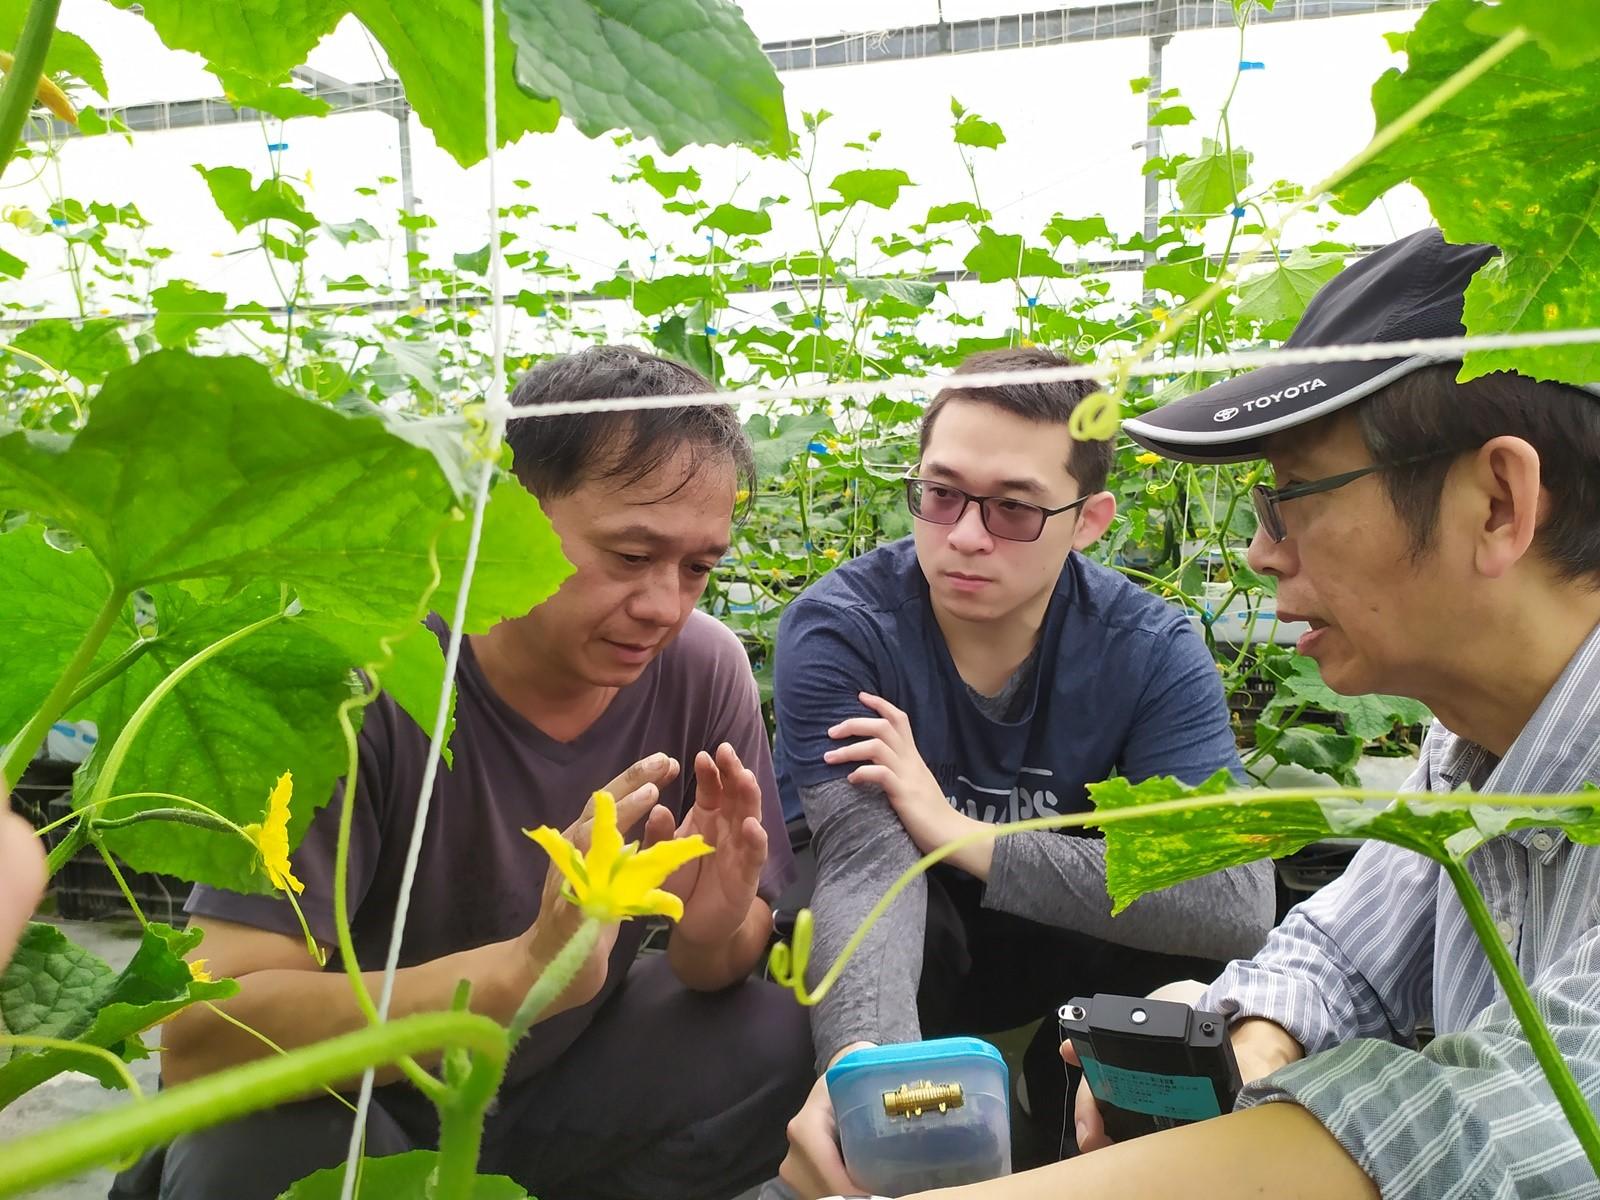 大溪寶穗農場主人藍先生(左)與鍾文耀老師(右)團隊討論物聯網農業監控之執行問題。.jpg